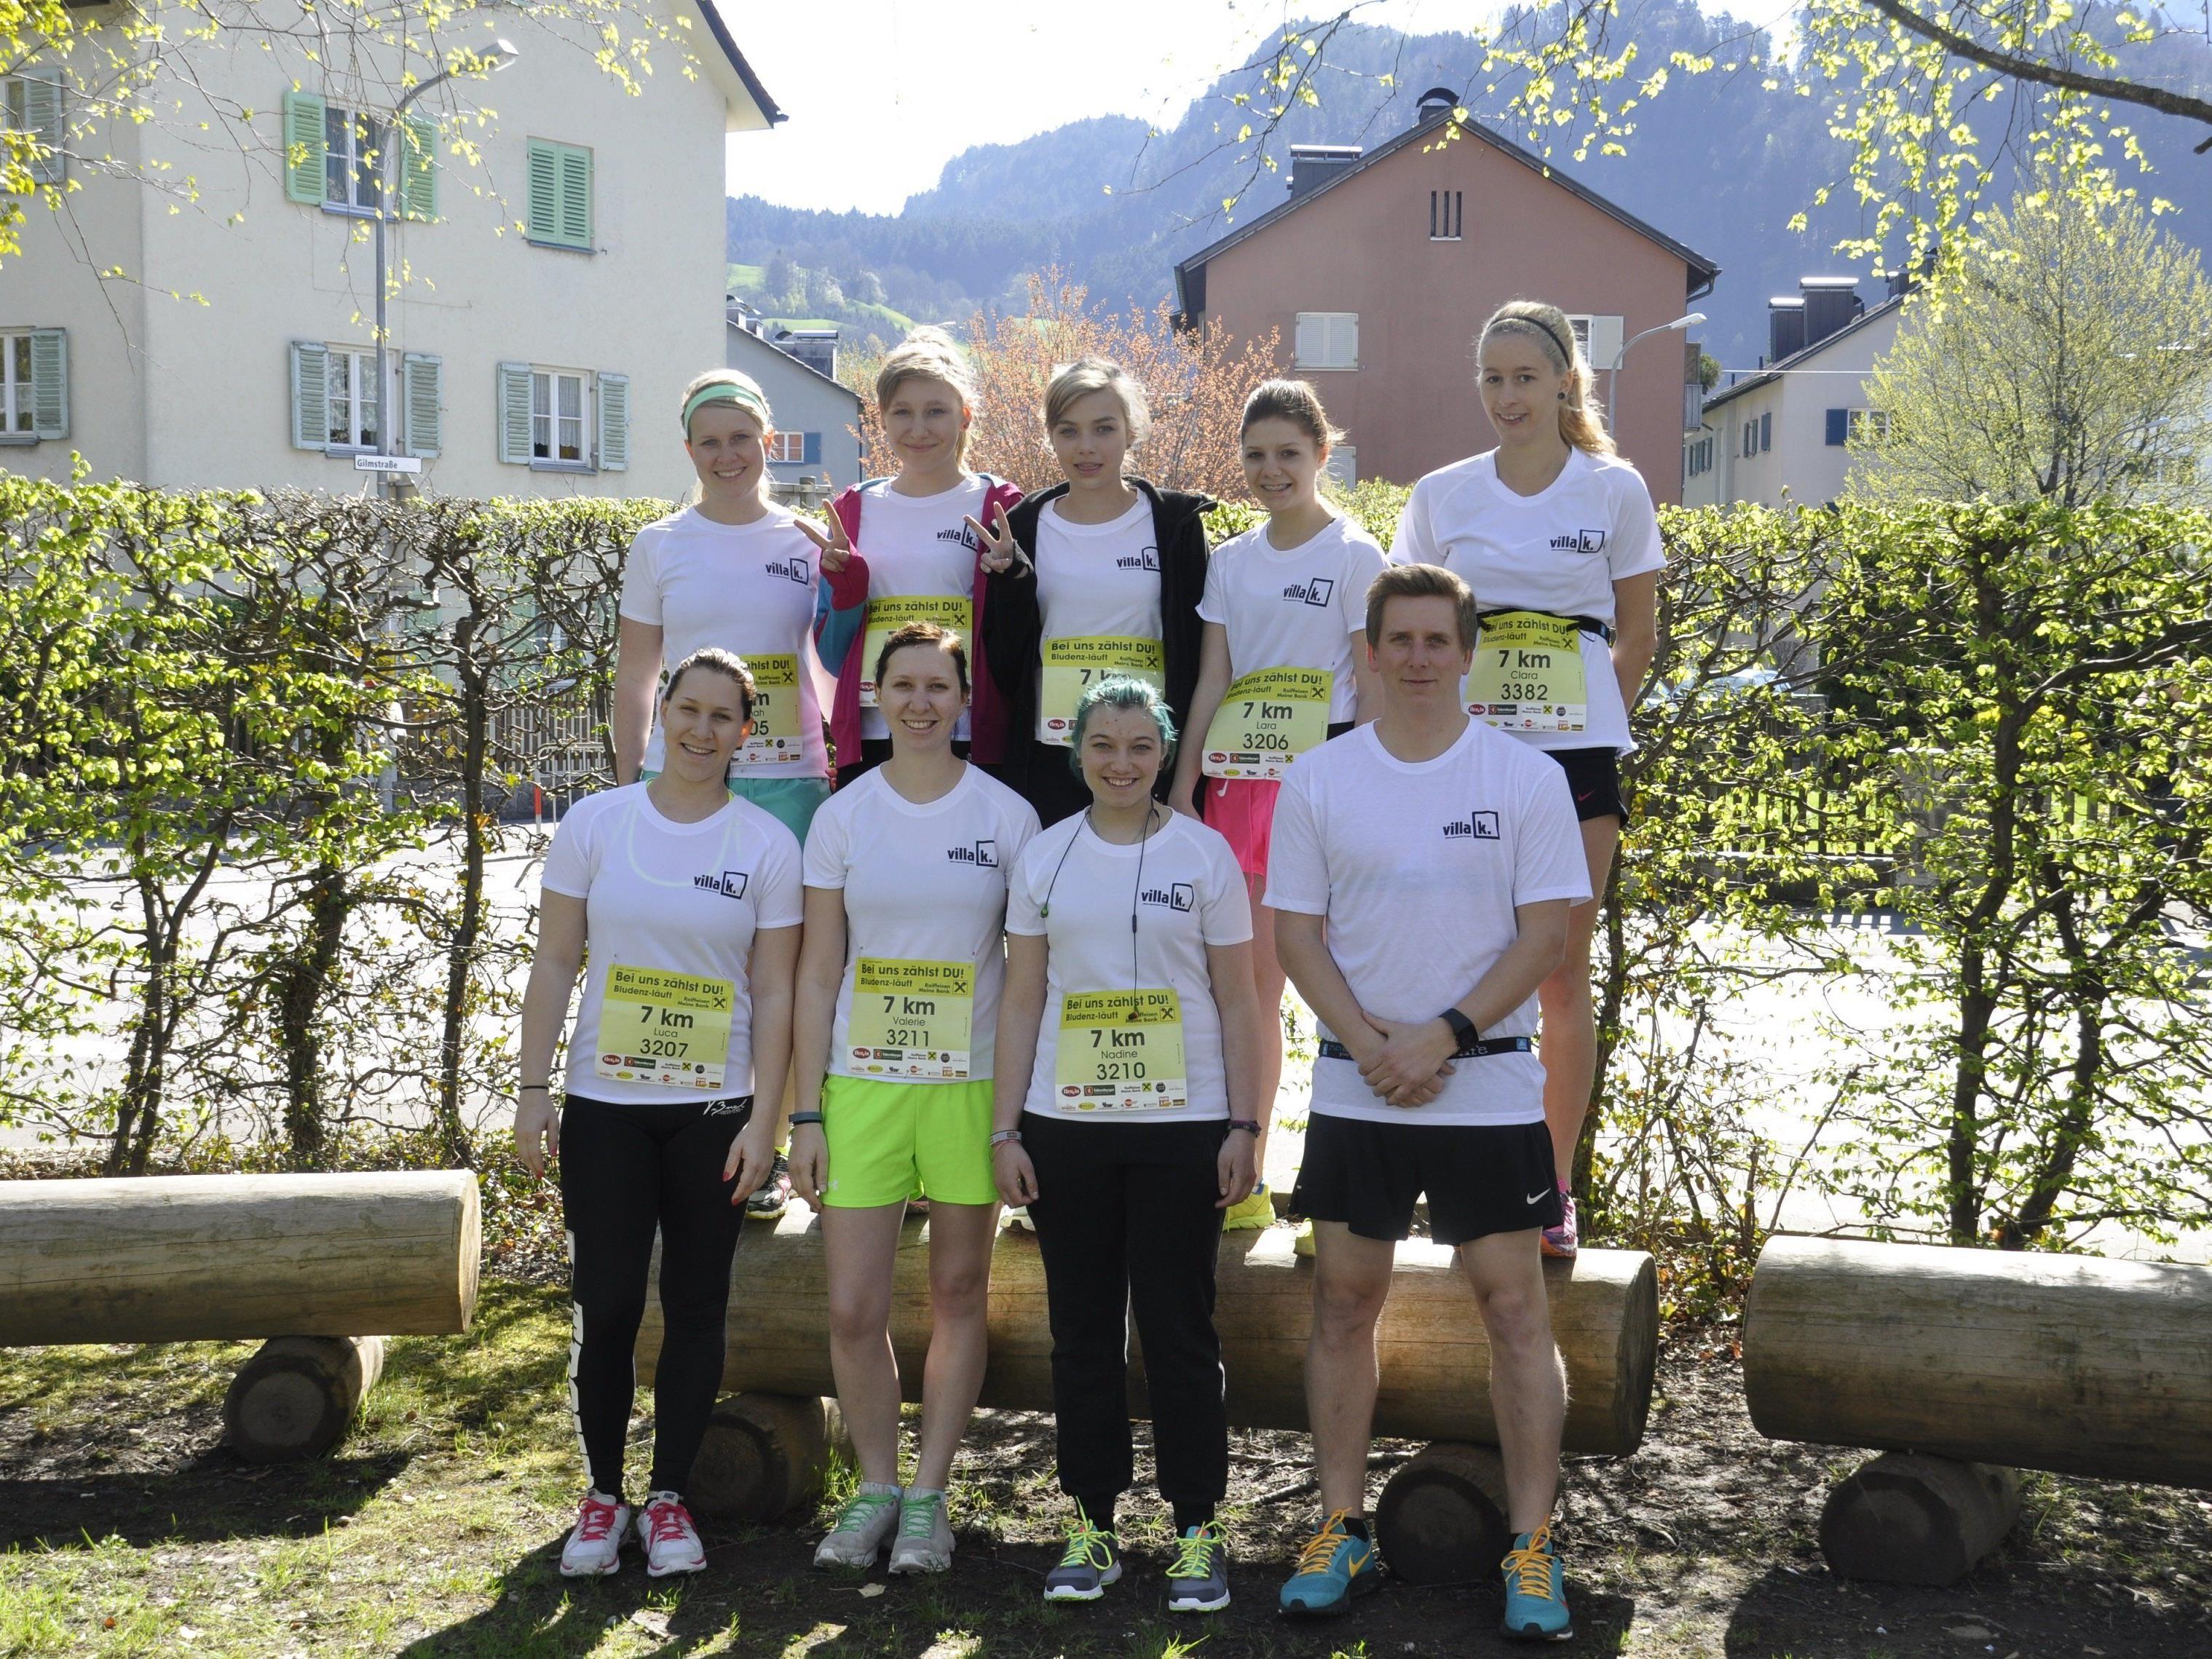 Villa K. Laufteam